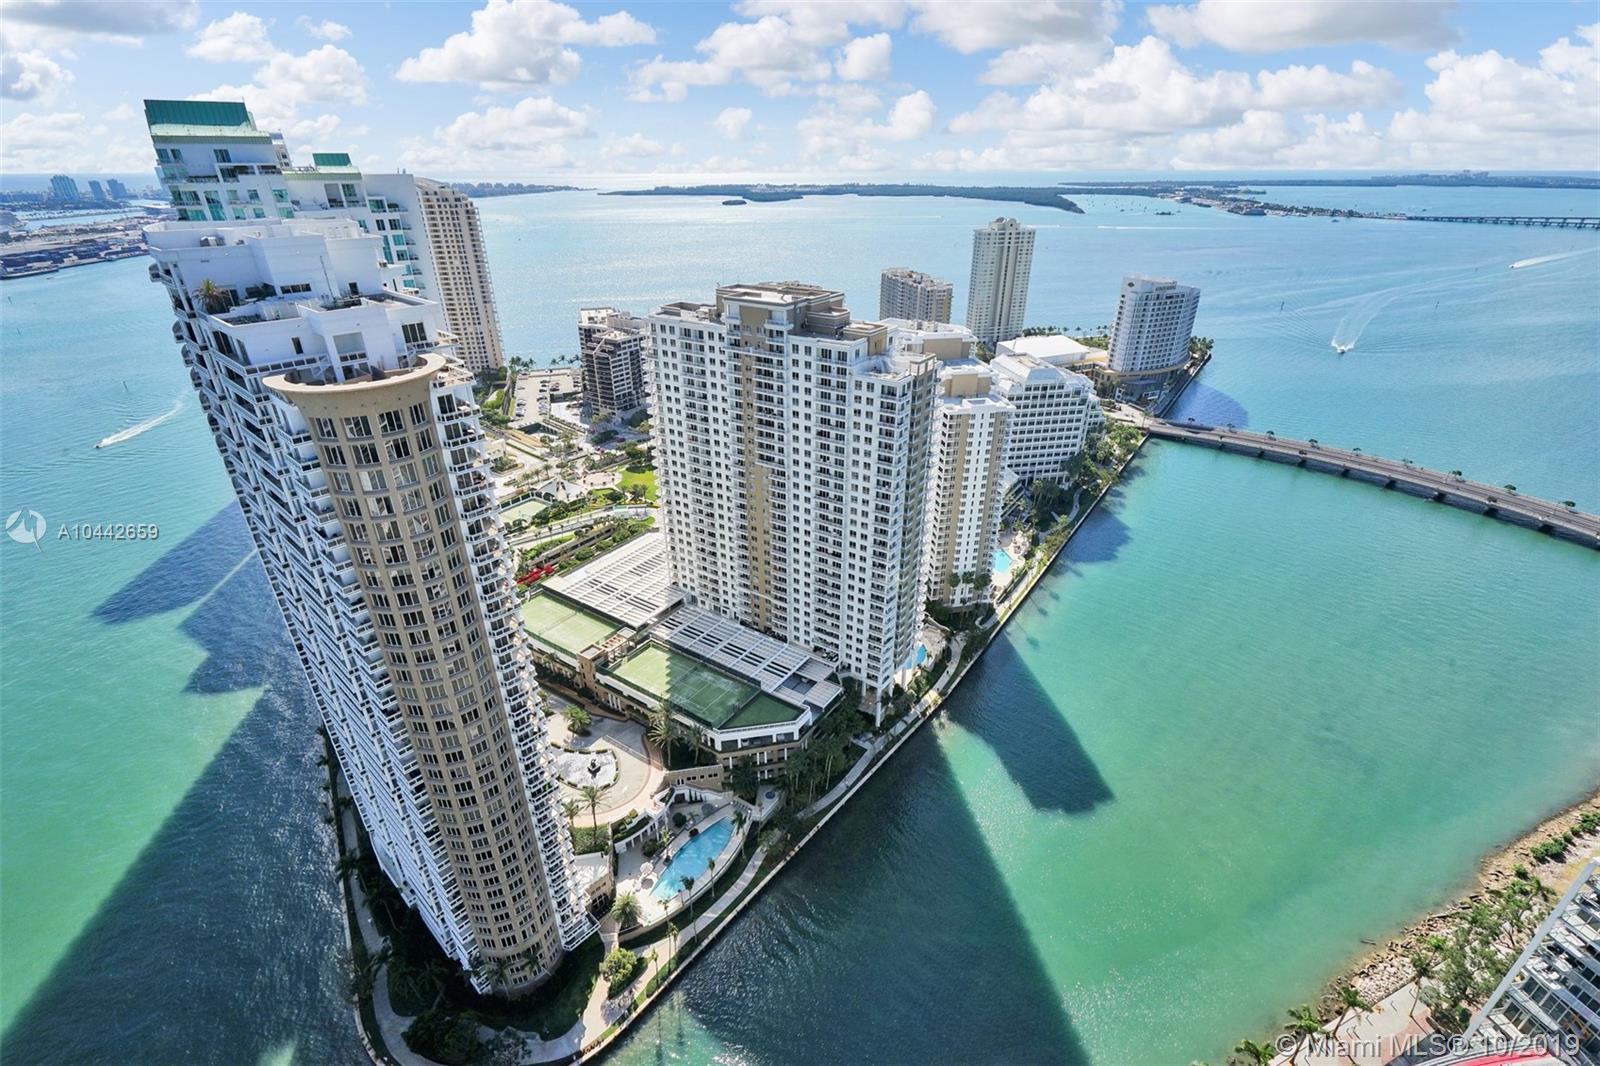 465 Brickell Ave, Miami, FL 33131, Icon Brickell I #4201, Brickell, Miami A10442659 image #3